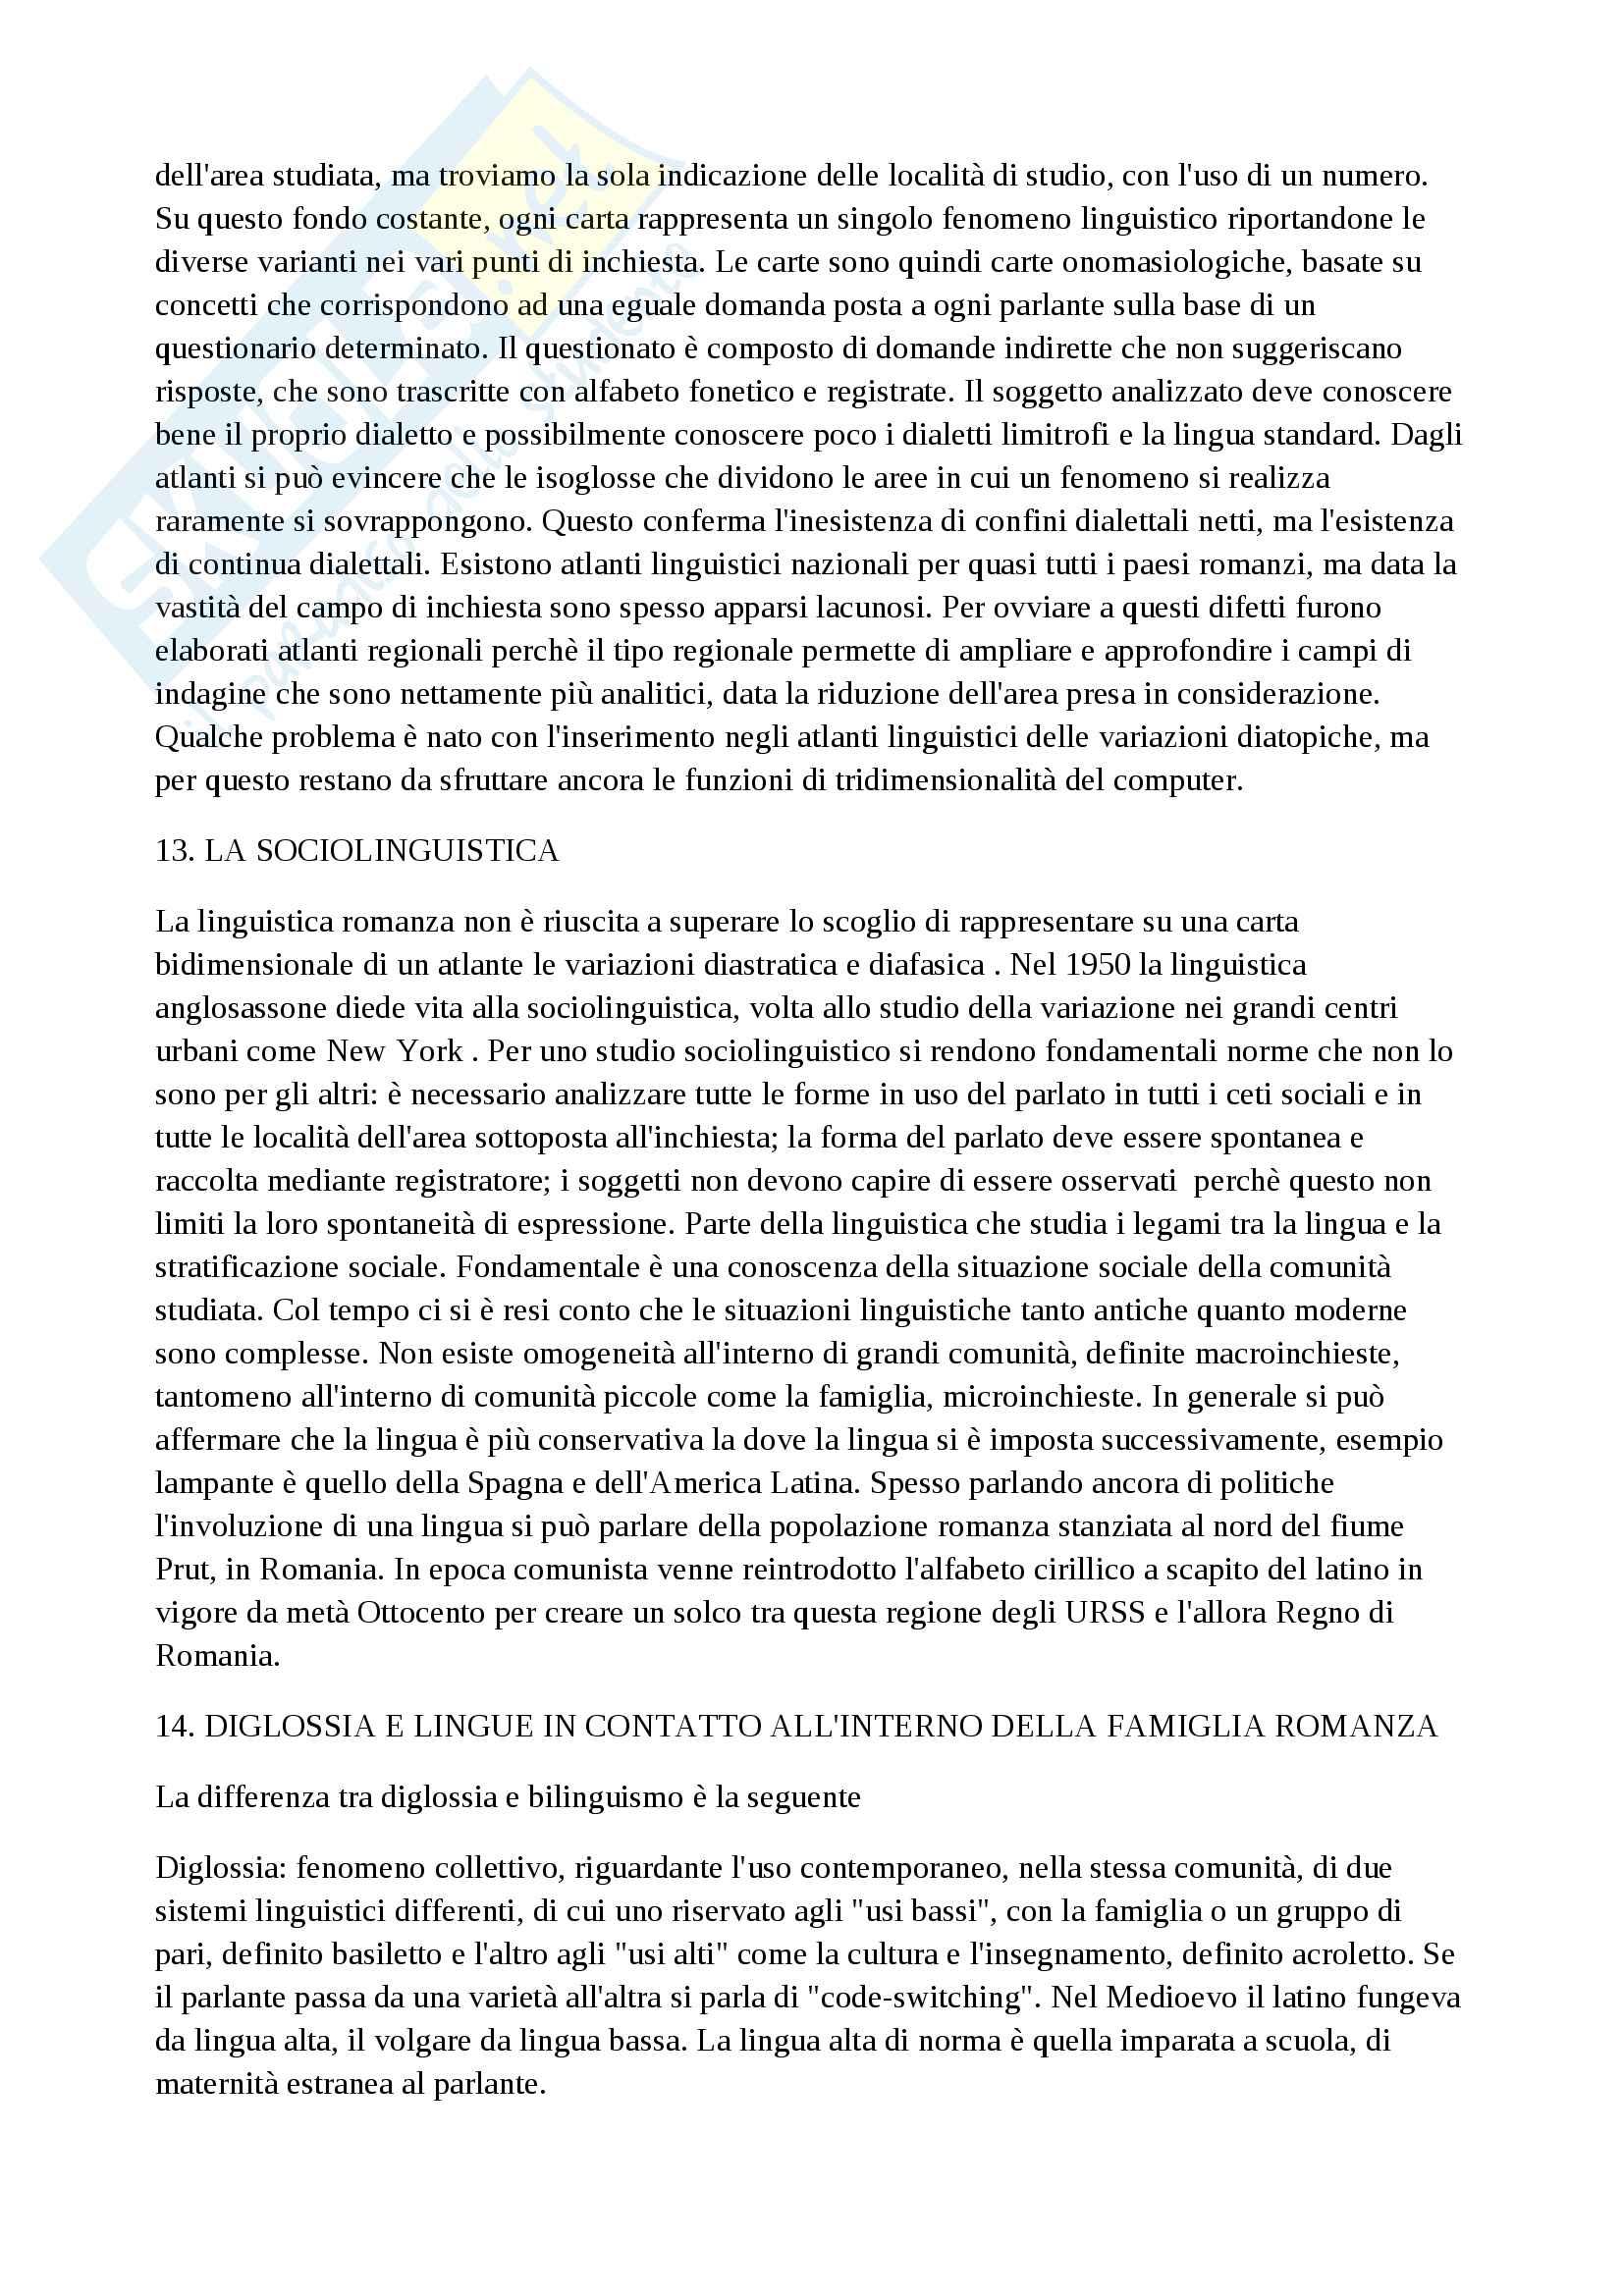 Riassunto esame Filologia Romanza, docente Punzi, libro consigliato Linguistica Romanza, Varvaro, basato su studio autonomo e appunti personali Pag. 6